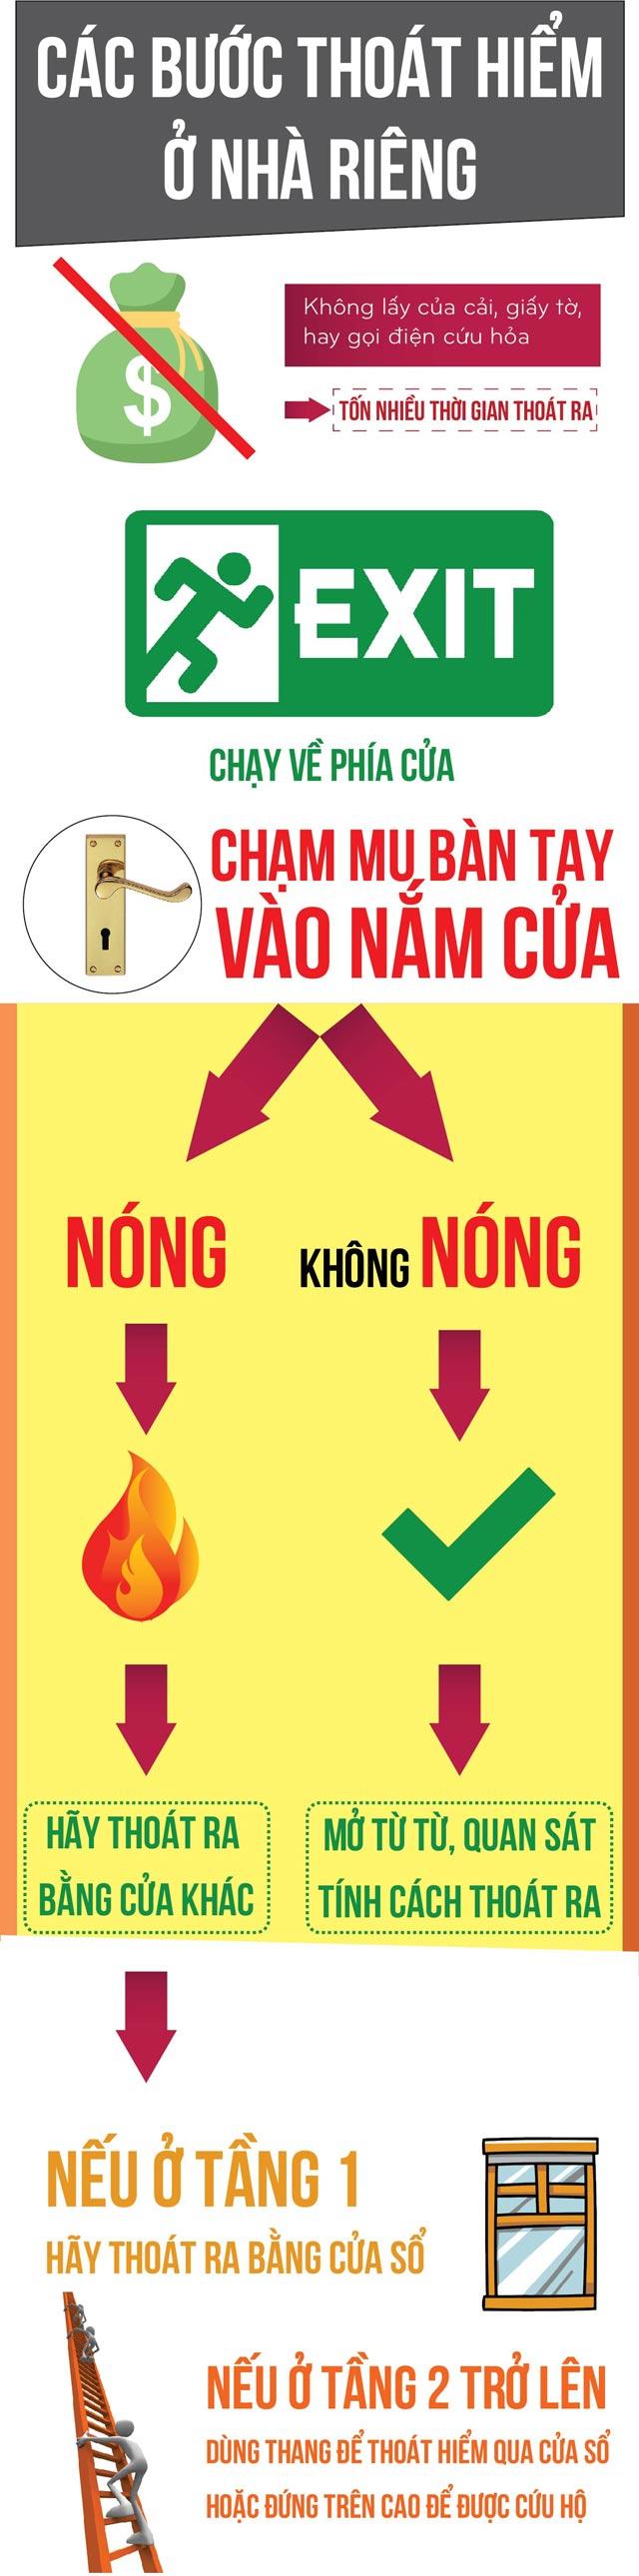 infographic: gap hoa hoan, lam gi khi khong co loi thoat? - 2